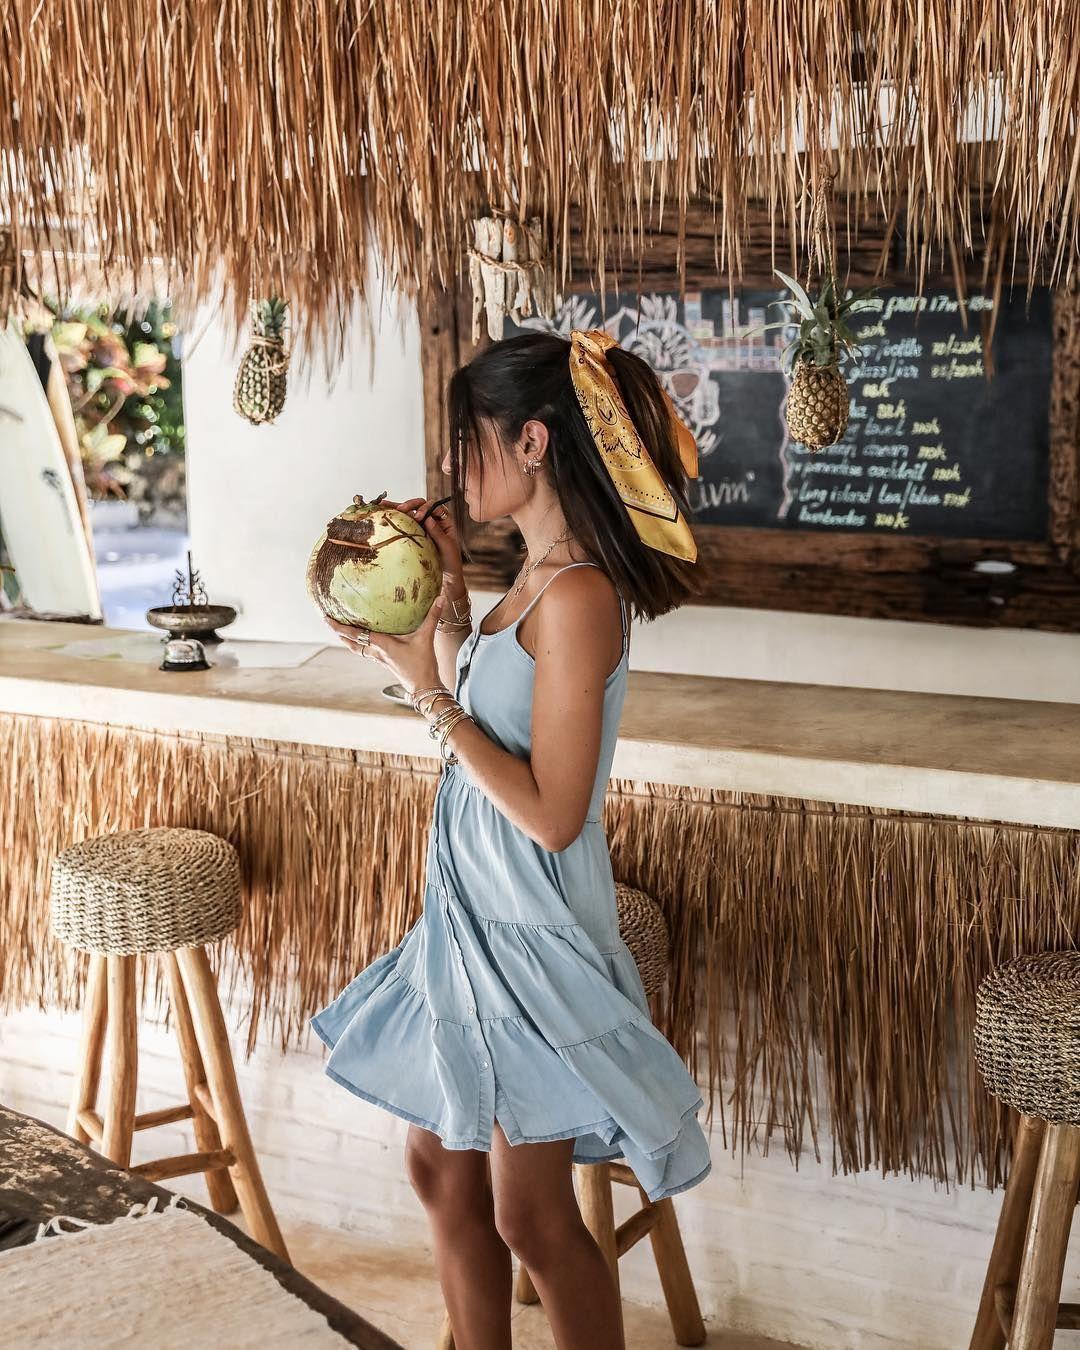 """FASHION BLOGGER on Instagram: """"JEU CONCOURS Je vous propose de gagner 200€ chez @letempsdescerisesjeans l'occasion d'acheter cette petite robe trop #cute et ce bandana…"""" #vacationoutfits FASHION BLOGGER on Instagram: """"JEU CONCOURS Je vous propose de gagner 200€ chez @letempsdescerisesjeans l'occasion d'acheter cette petite robe trop #cute et ce bandana…"""""""